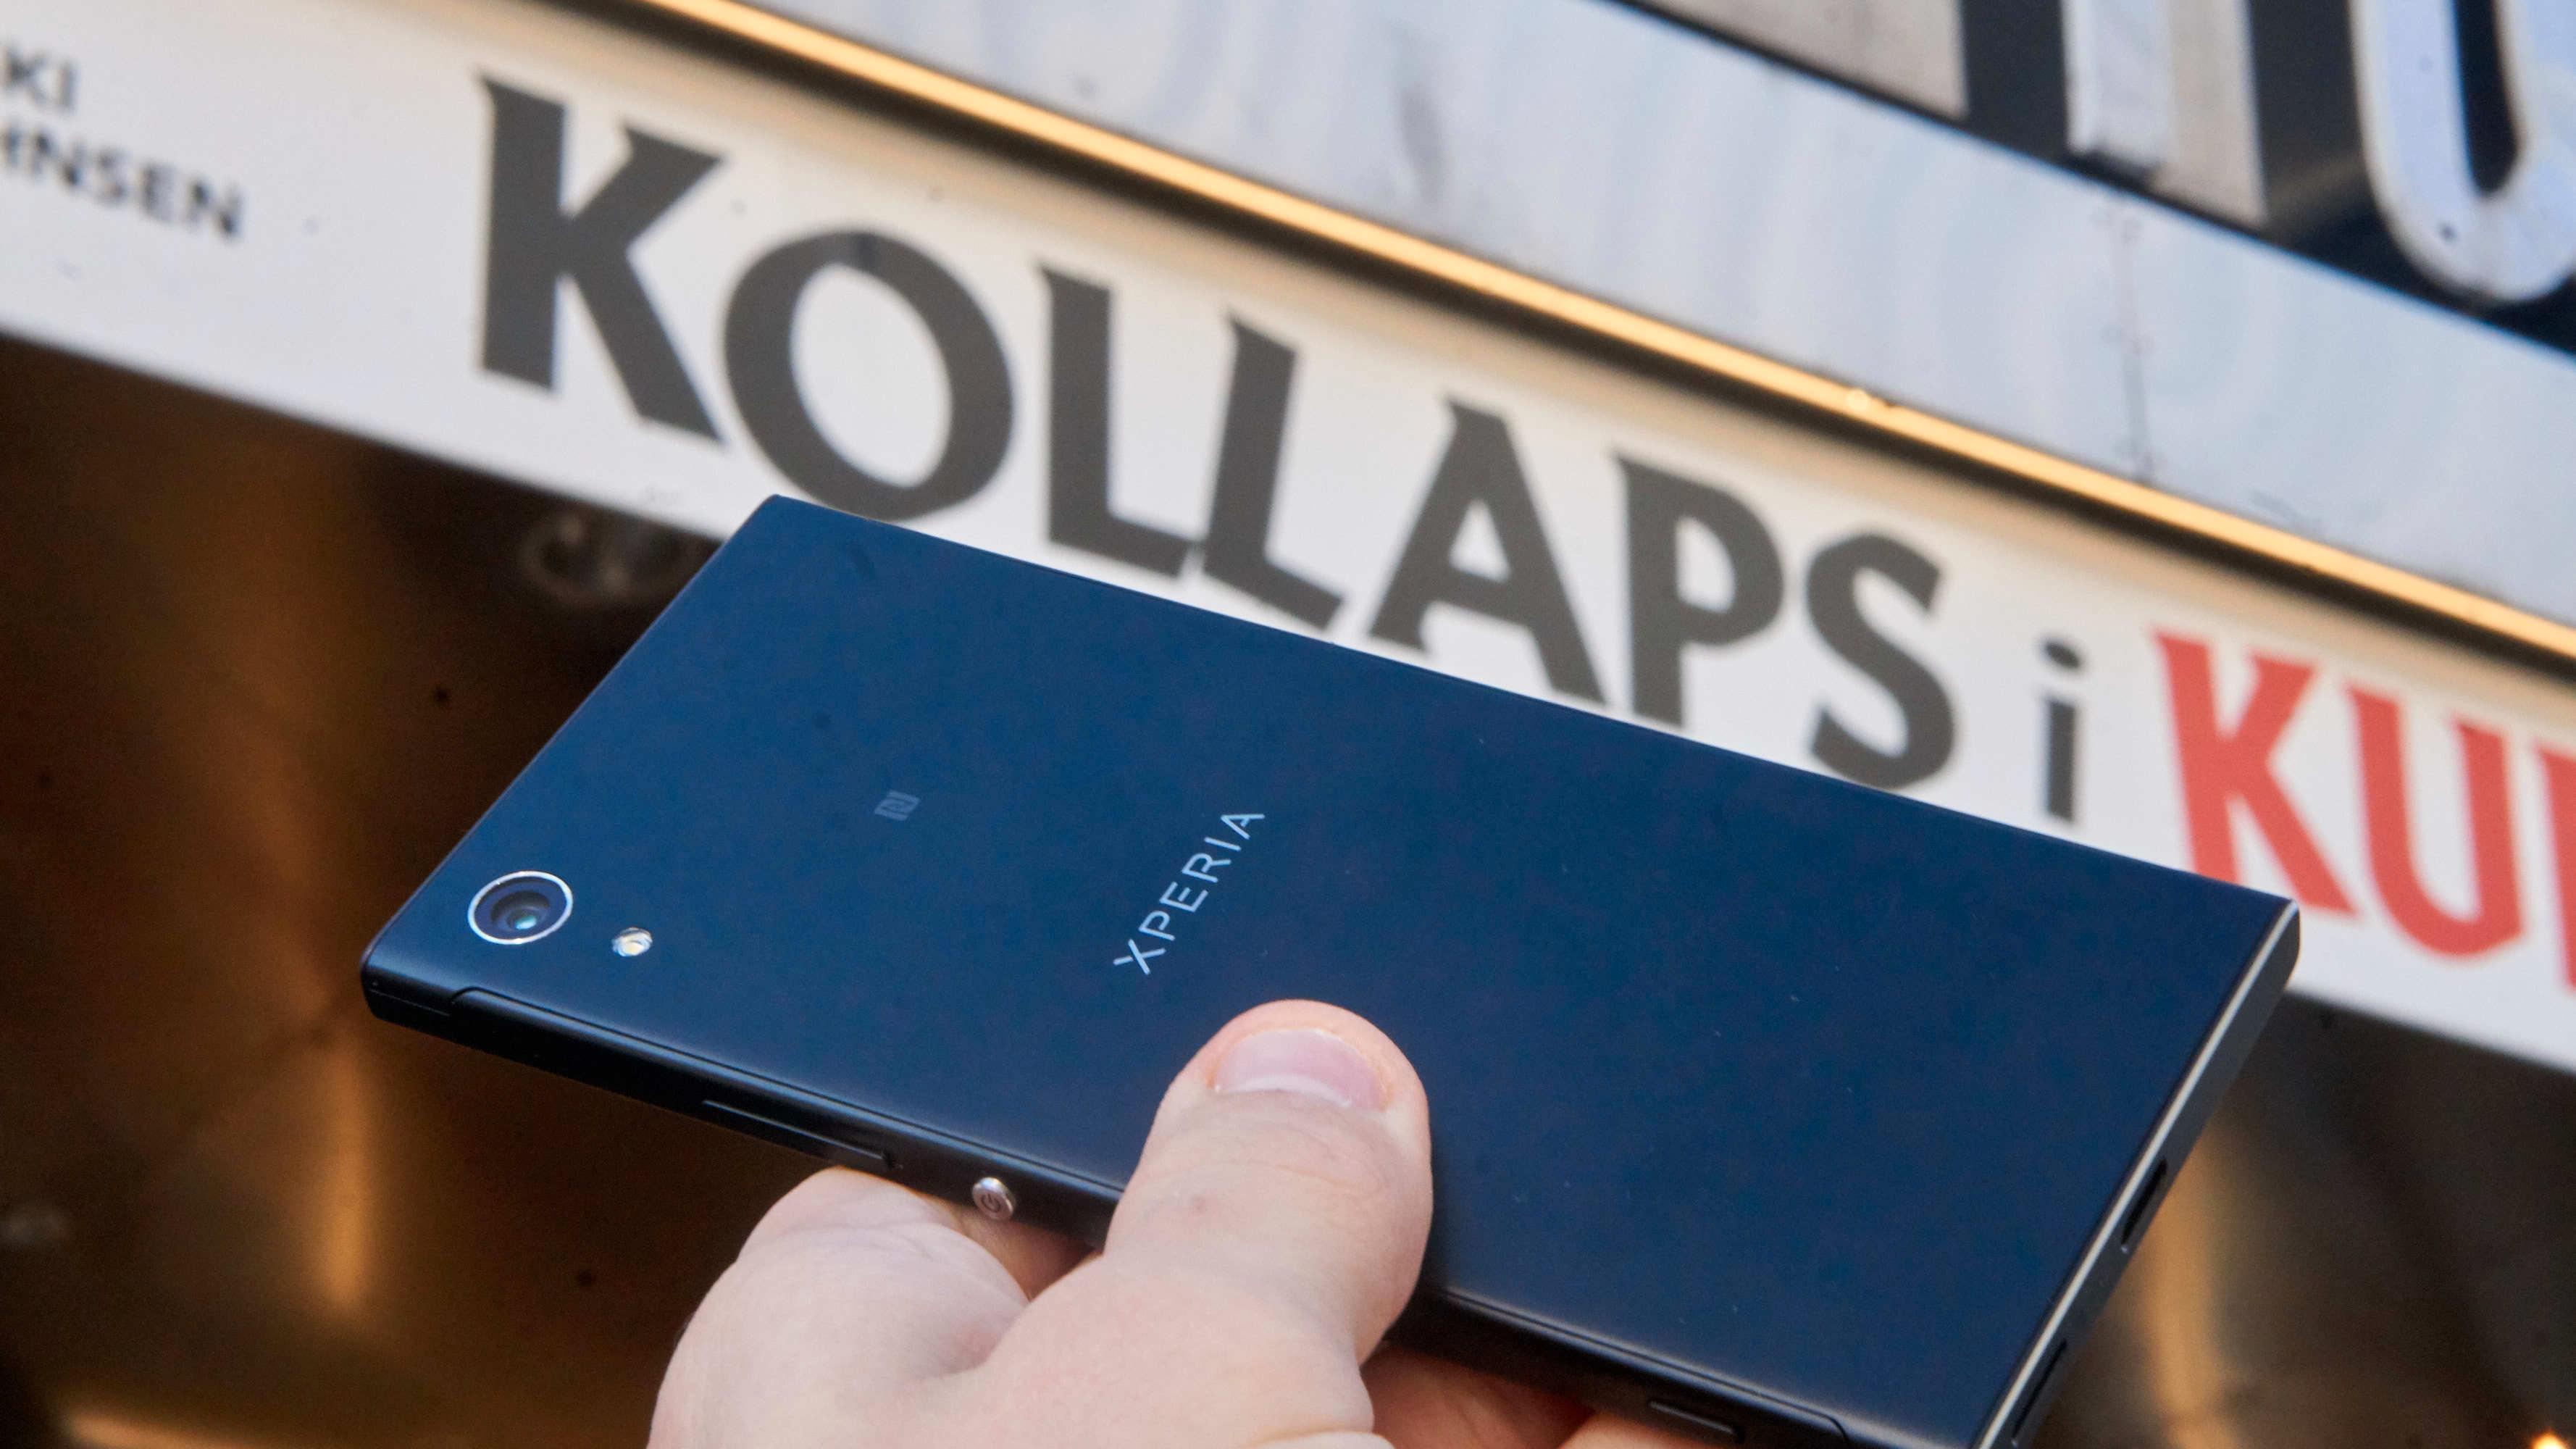 «Kollaps» beskriver Xperia XA1 godt på visse områder.